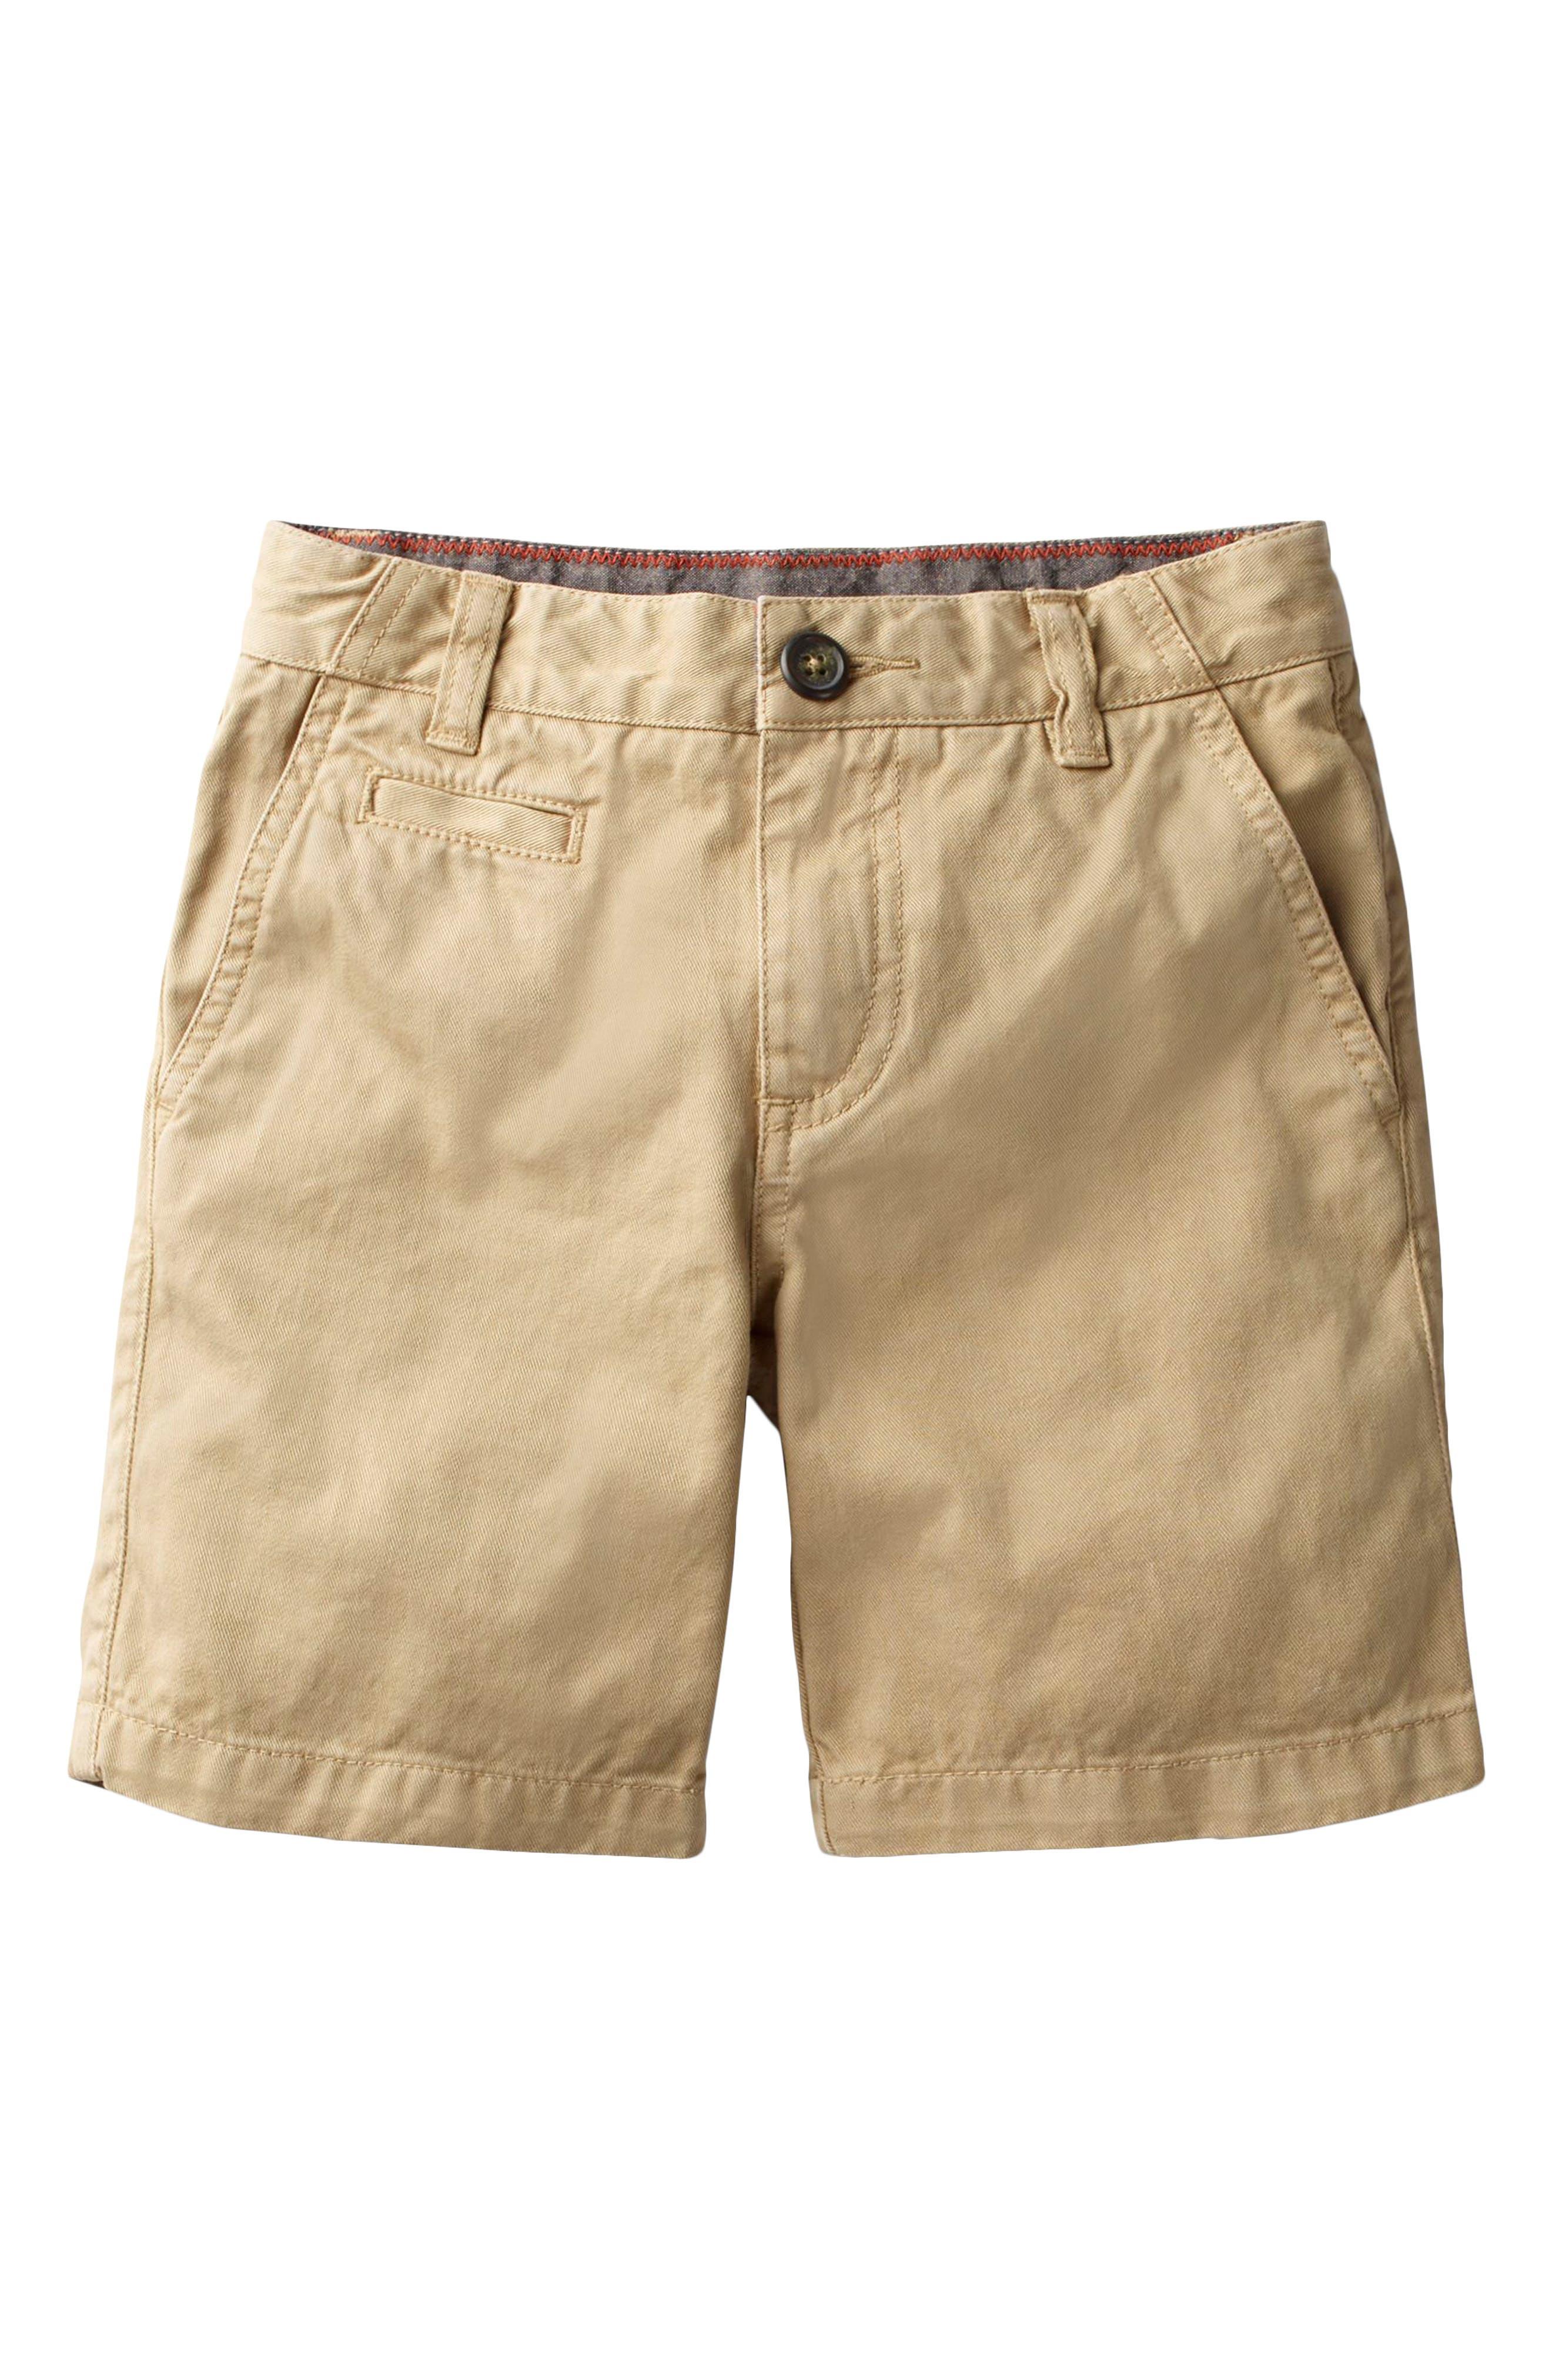 Chino Shorts,                         Main,                         color, 250